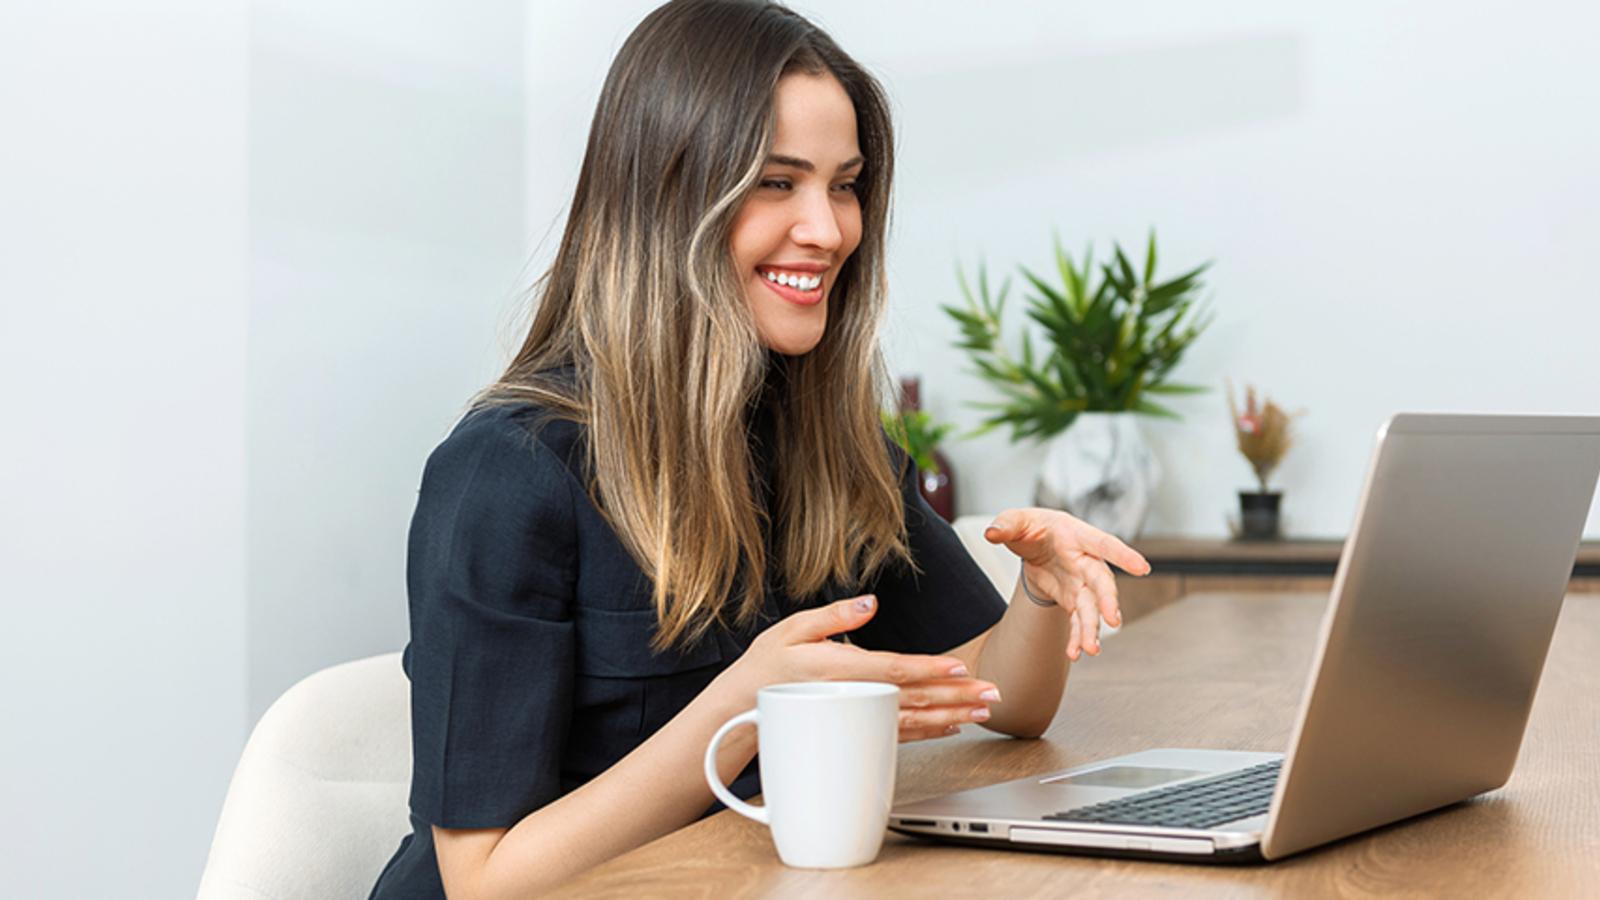 Leute treffen ohne online-dating 45